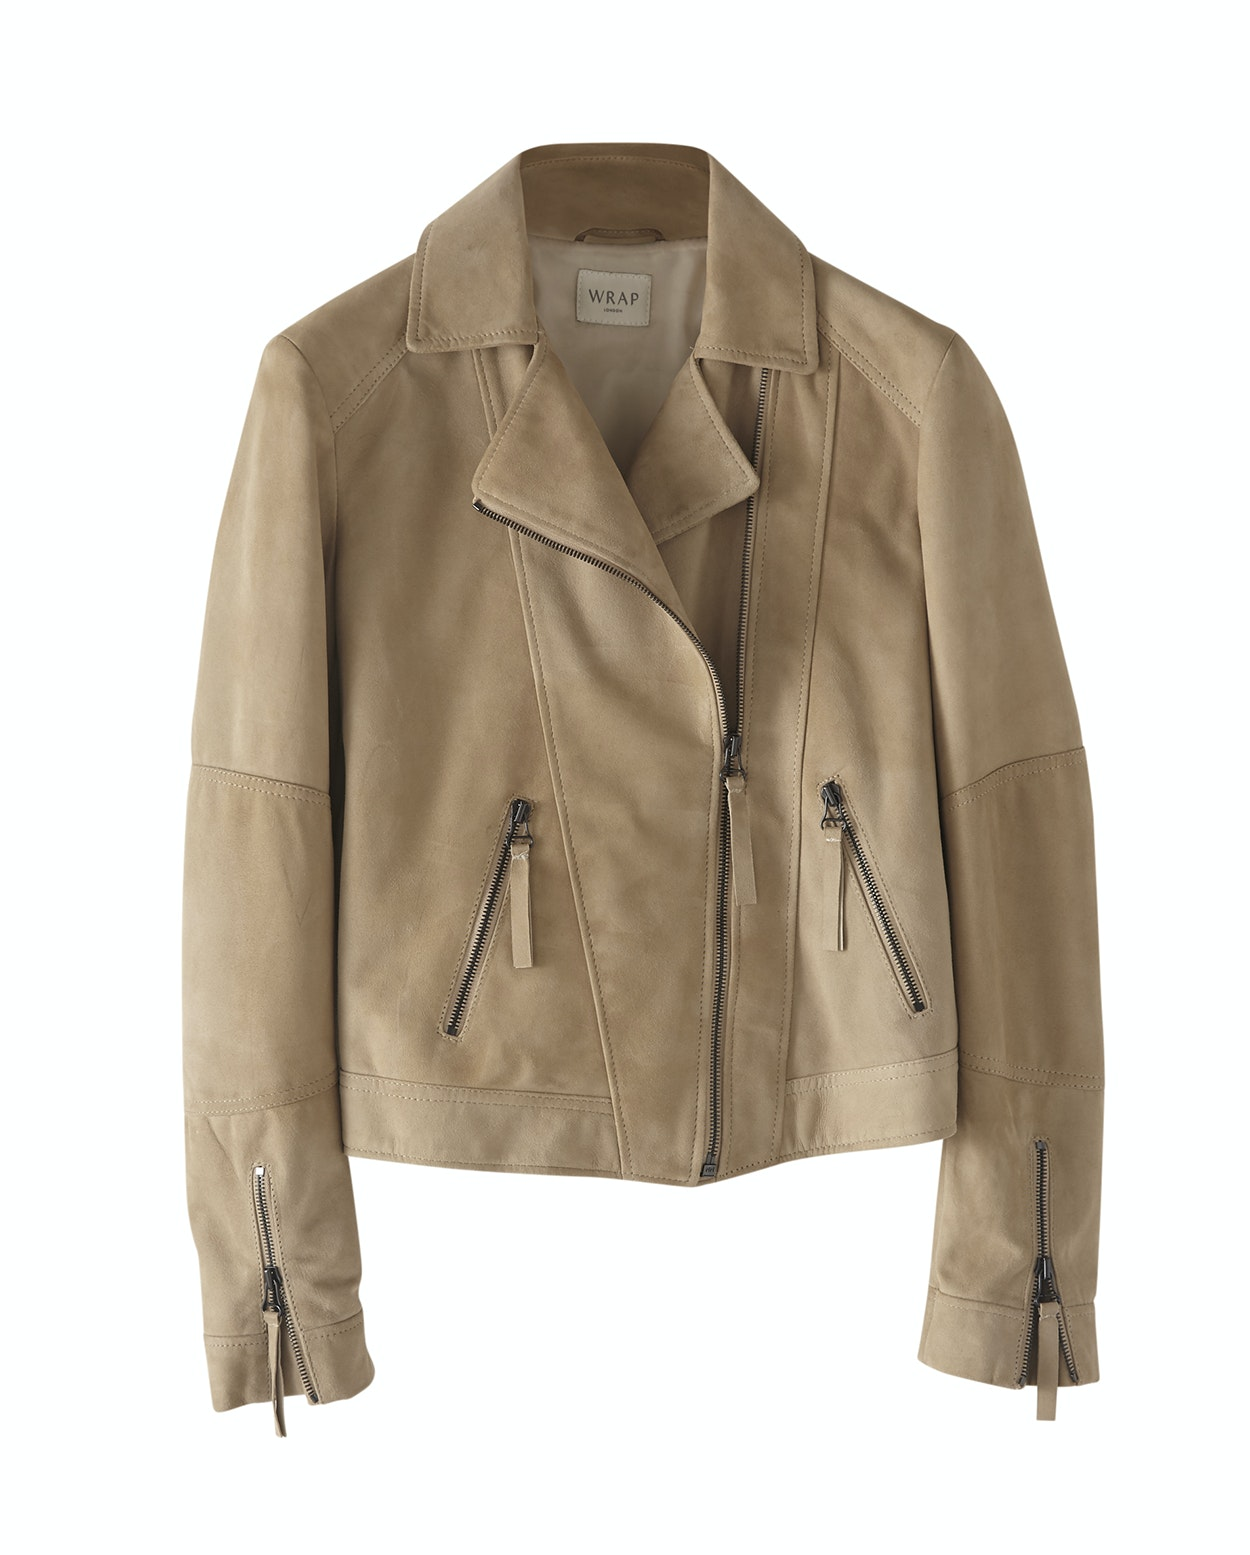 090b77129af82 Suede biker jacket - Wrap London